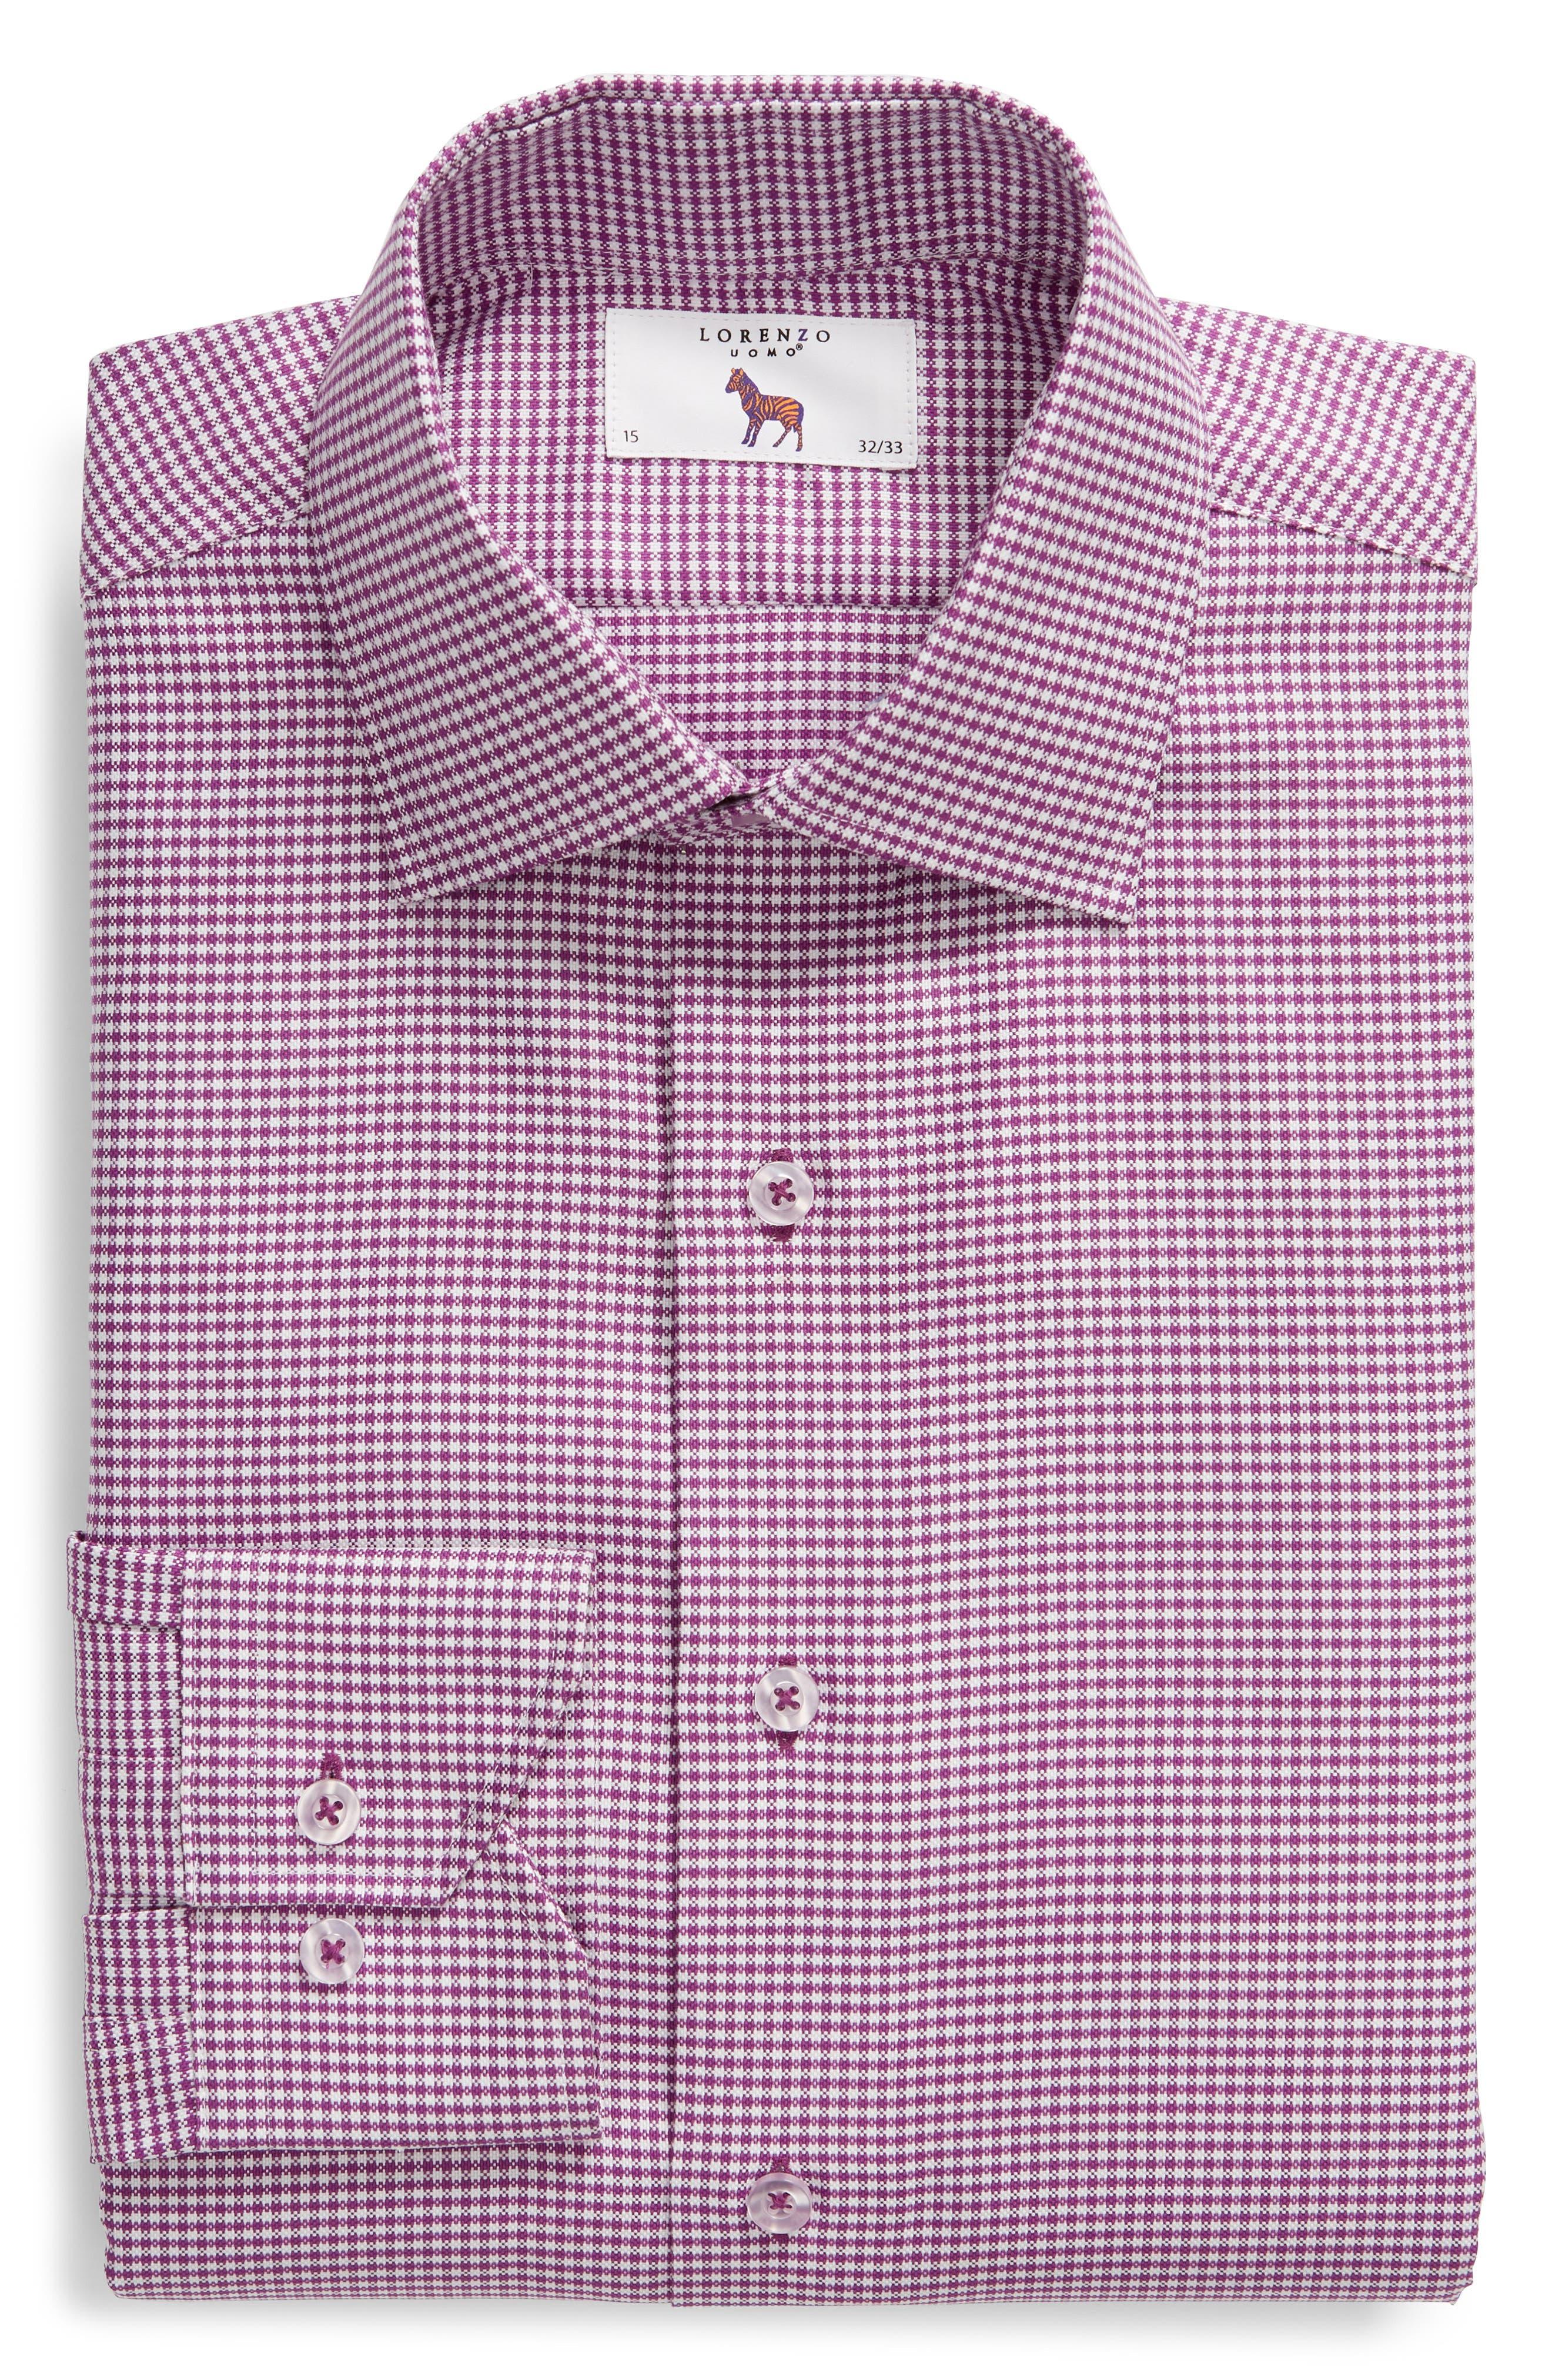 Trim Fit Check Dress Shirt,                             Alternate thumbnail 5, color,                             PURPLE